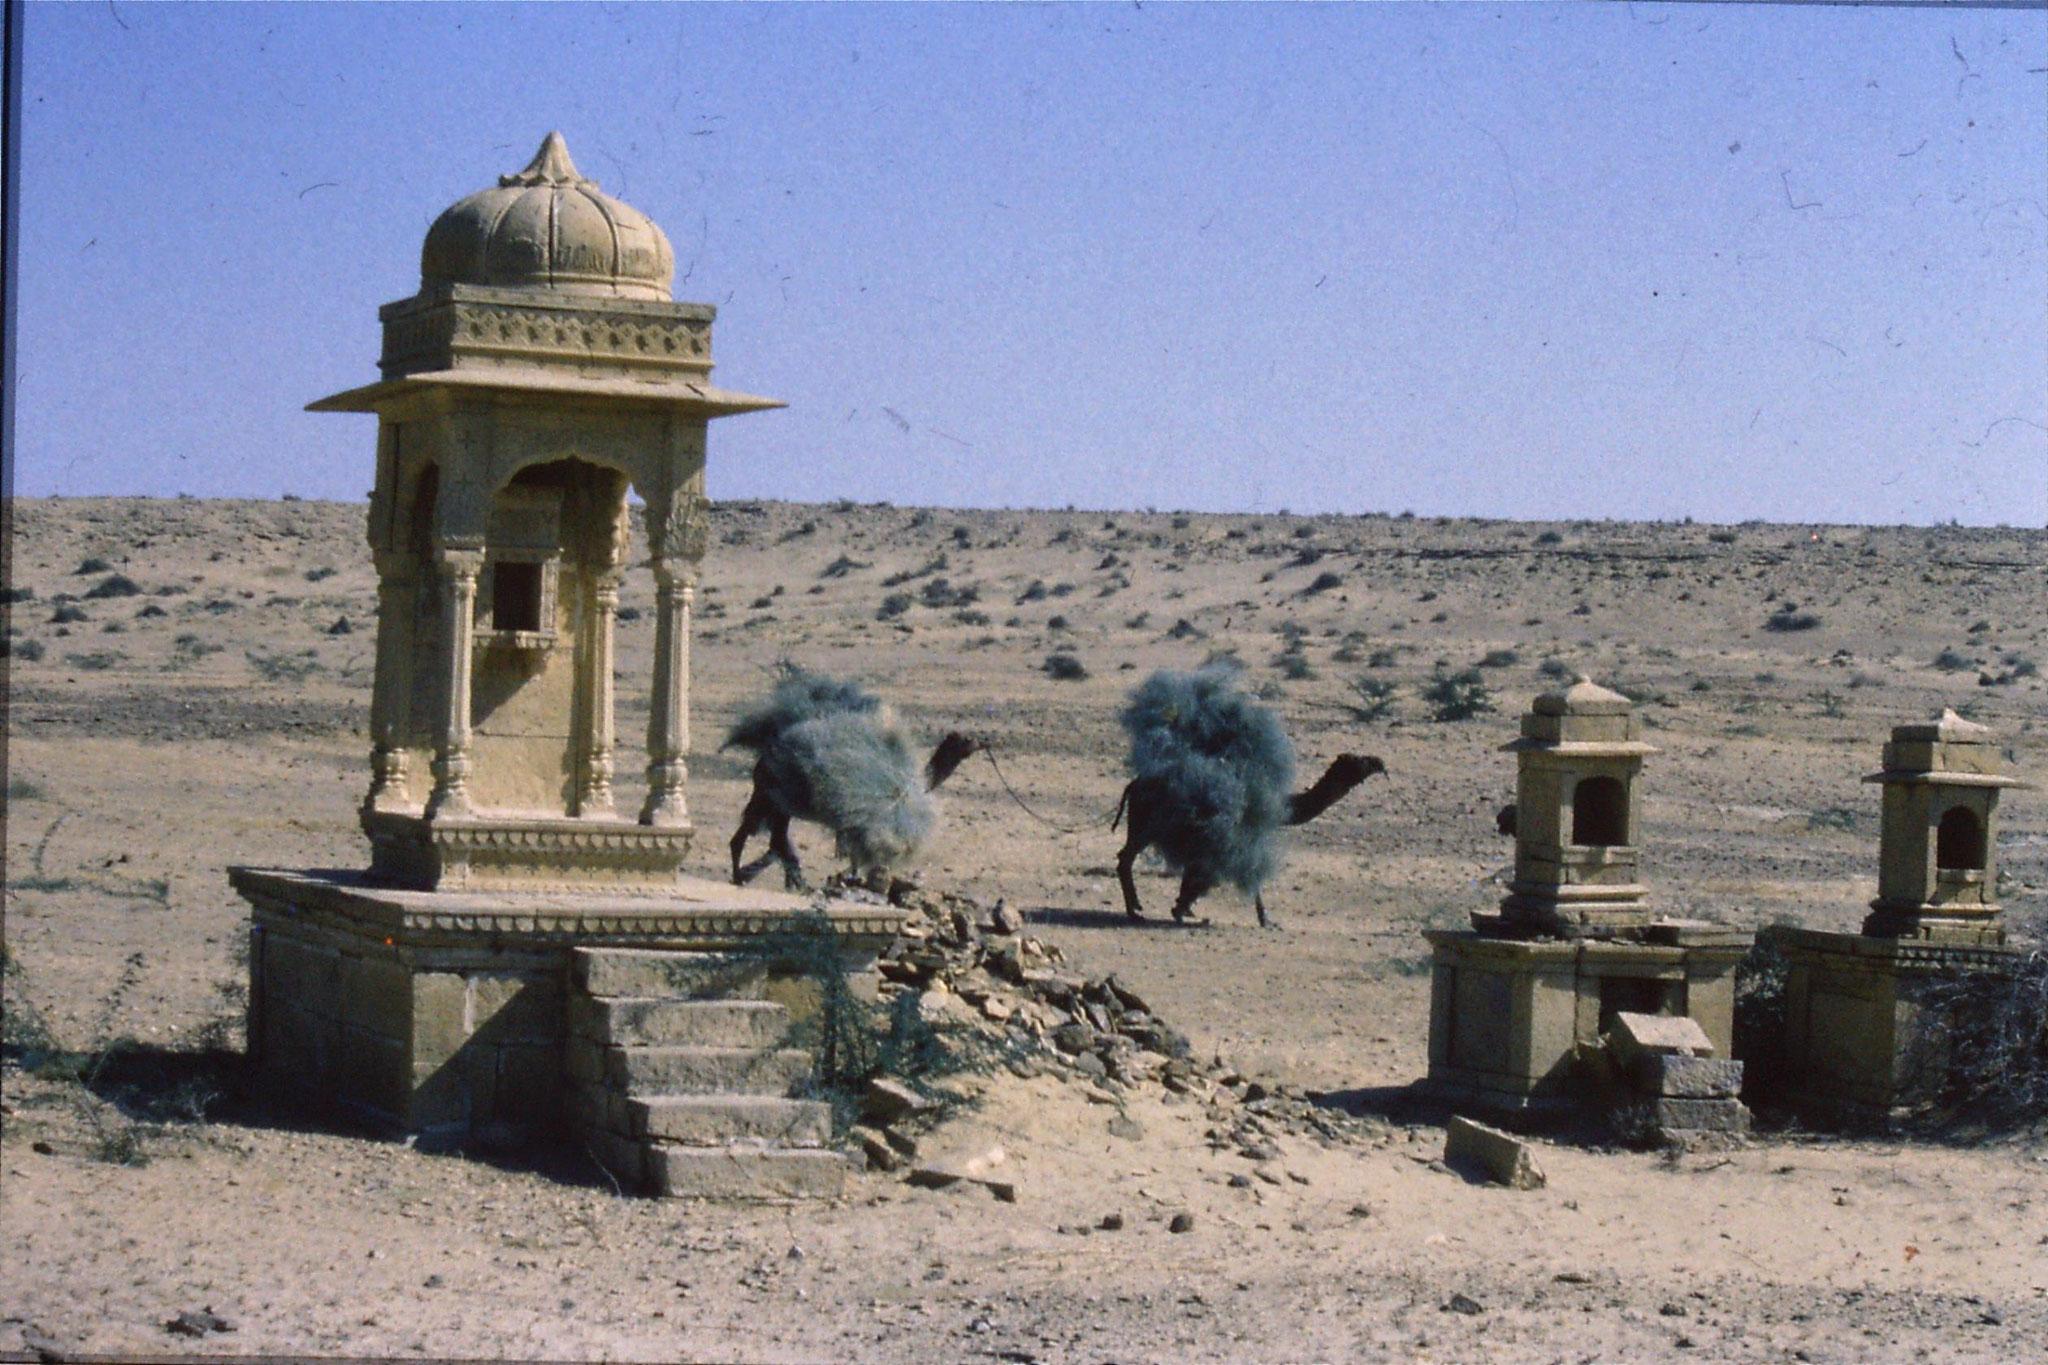 30/11/1989: 18: Jaisalmer